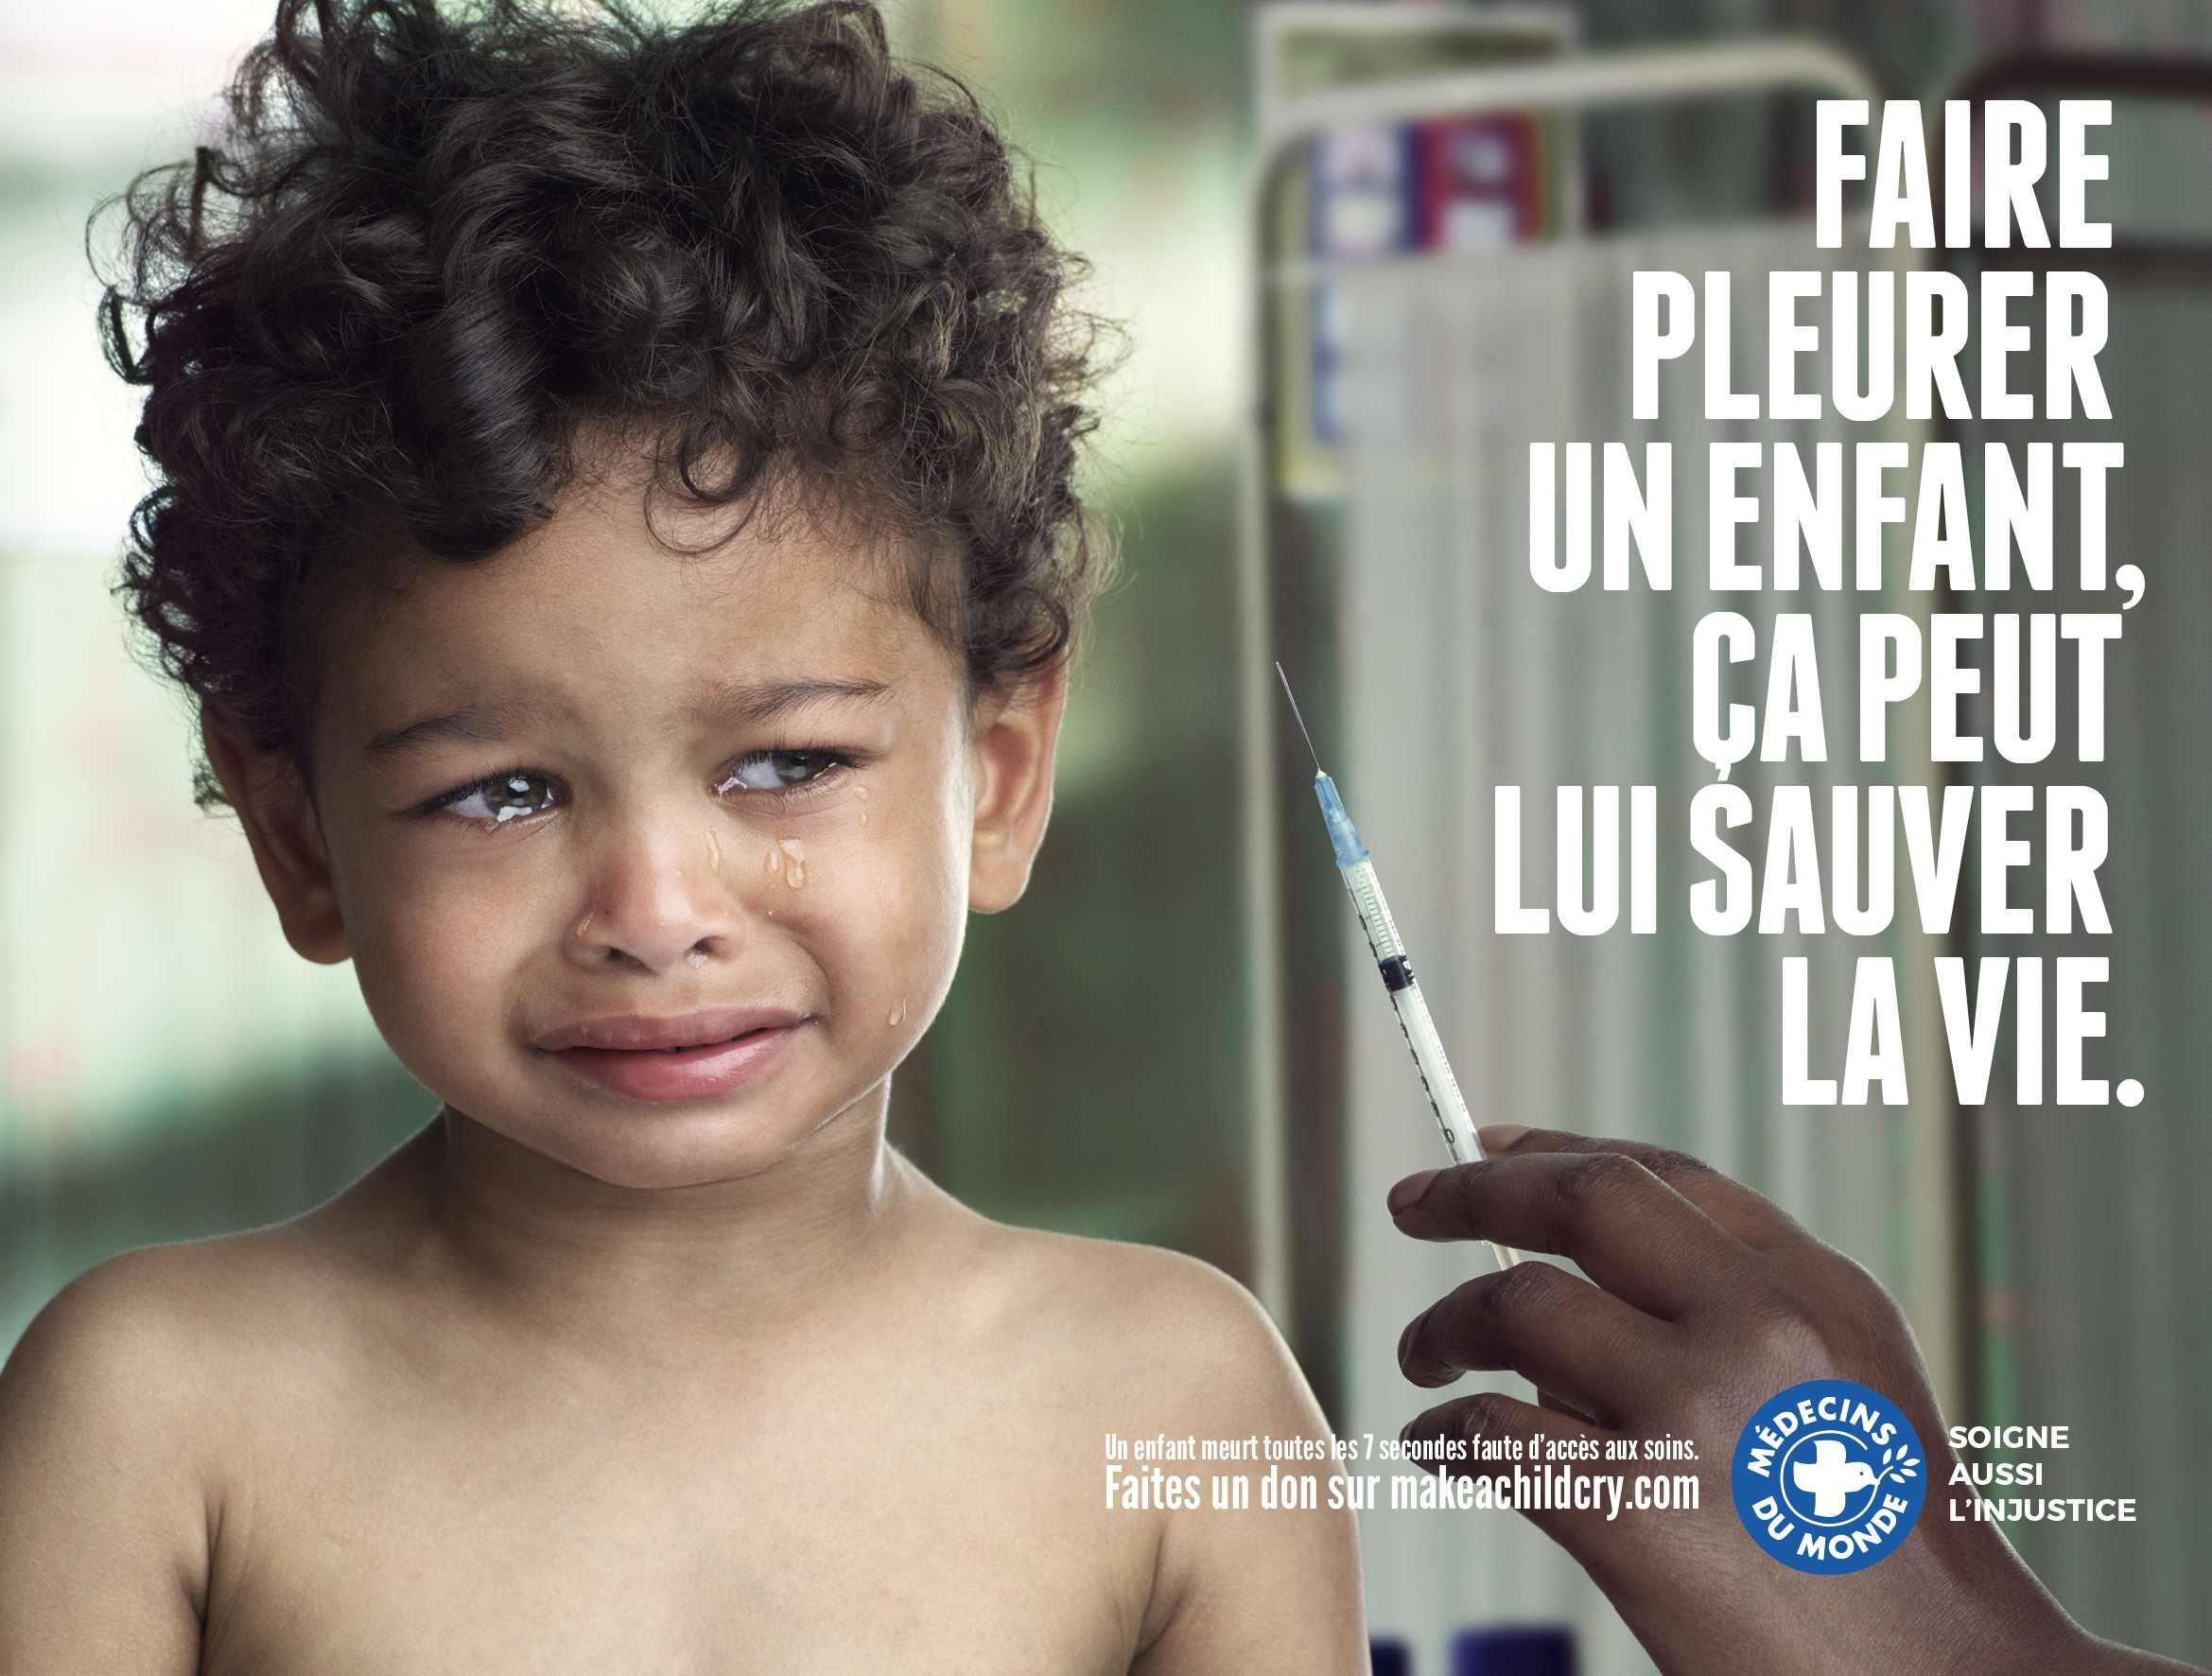 dans-ta-pub-médecins-du-monde-ddb-paris-make-a-child-cry-teasing-makeachildcry-2